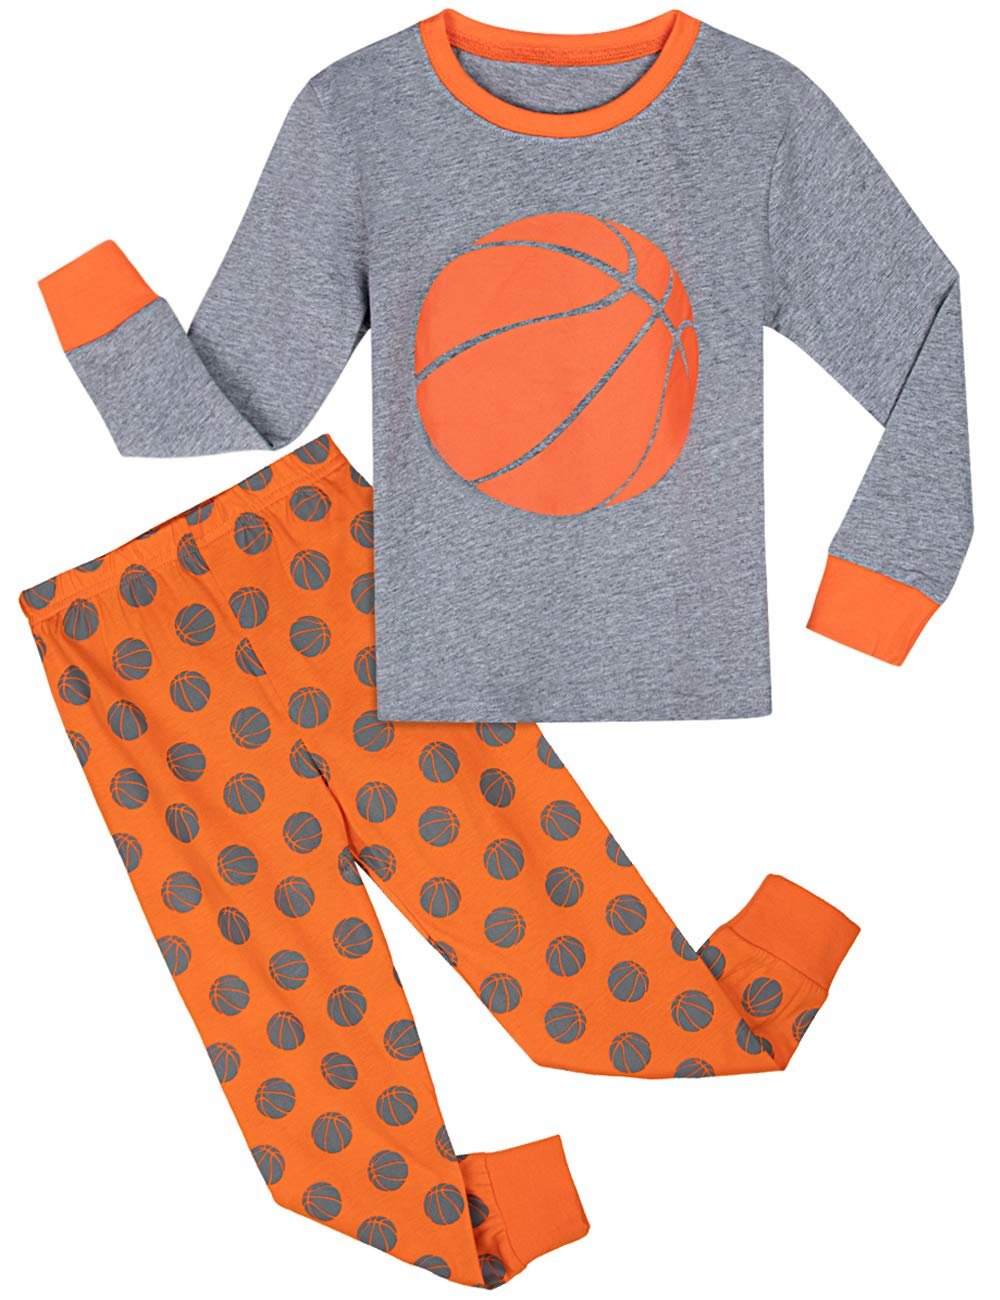 Image of Colorful Long Sleeve Basketball Pajamas for Boys